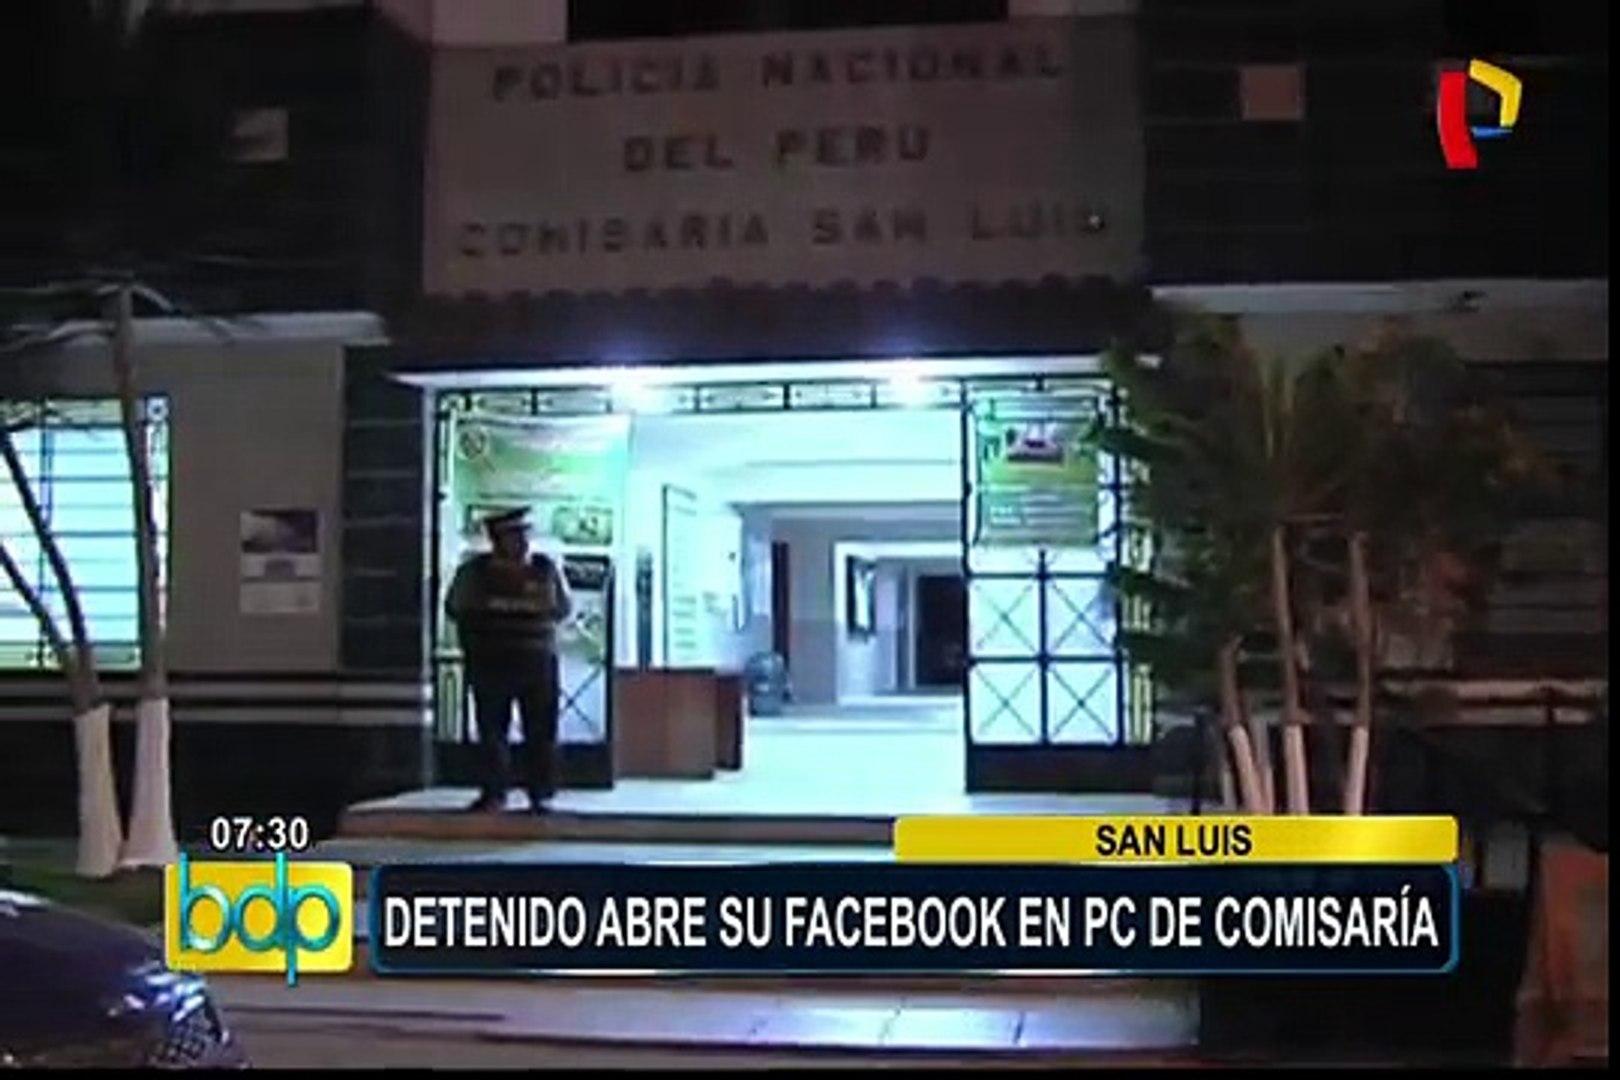 San Luis: detenido abre su Facebook en computadora de comisaría